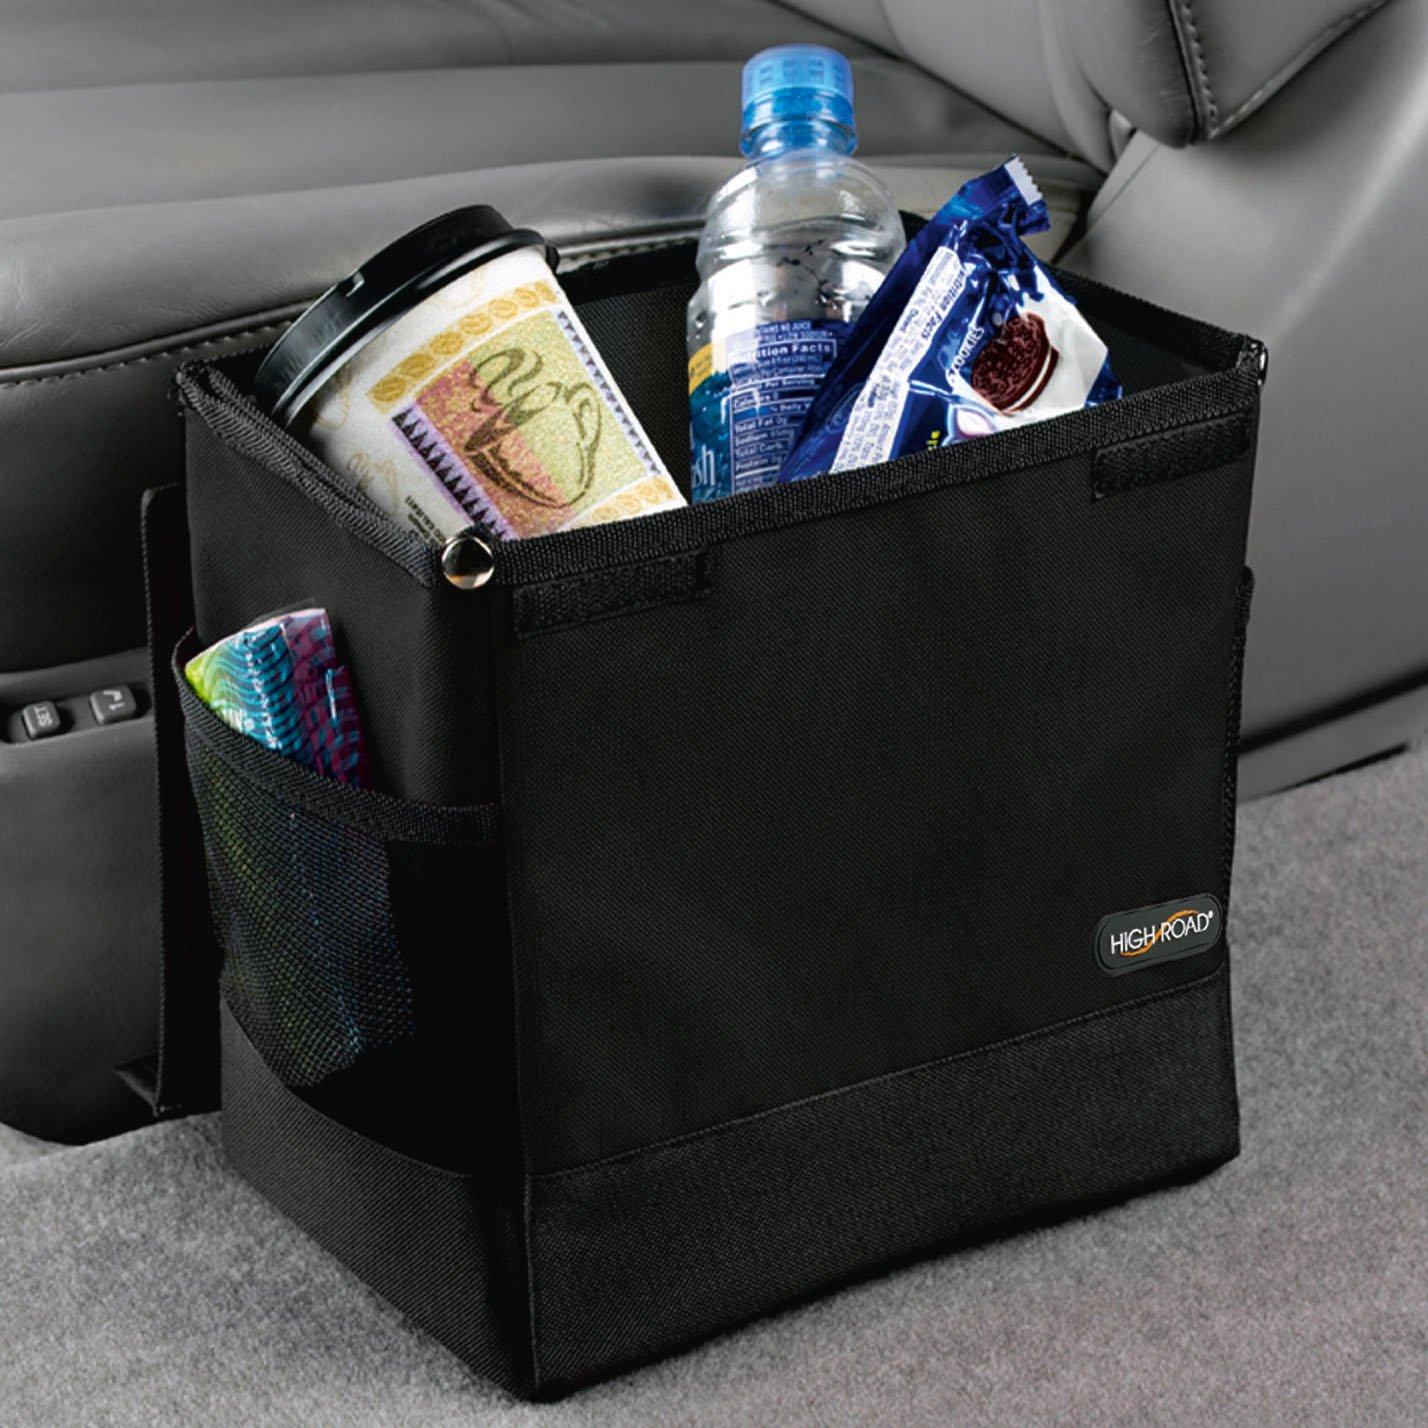 TALU2 High Road Express Car Floor Litter Basket Talus HR-3505-05